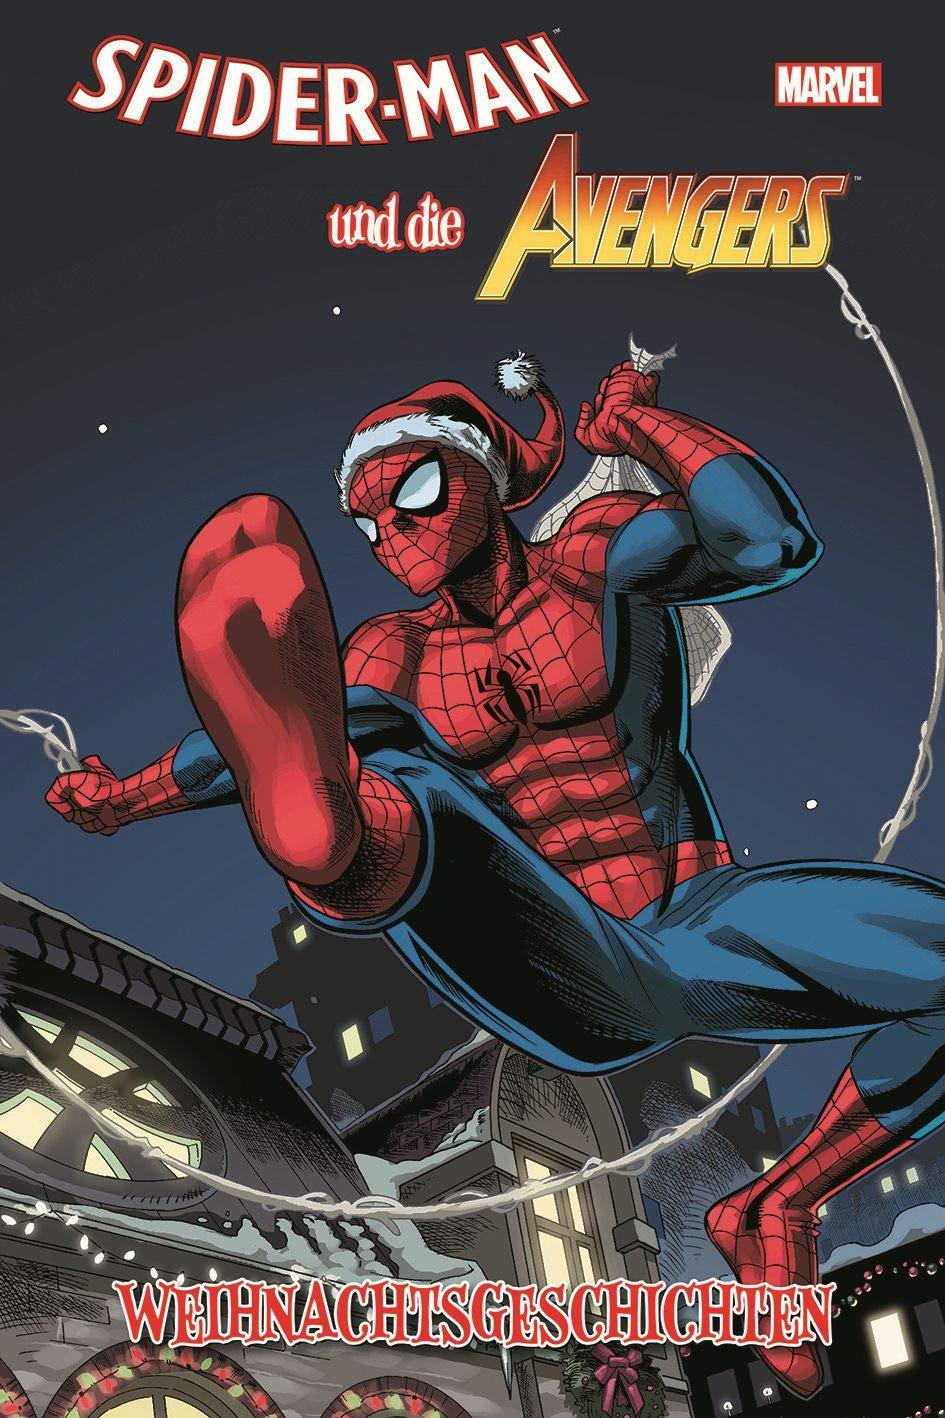 Spider-Man und die Avengers: Weihnachtsgeschichten Gebundenes Buch – 9. Oktober 2018 Darwyn Cooke David Michelinie Jeff Parker Reilly Brown